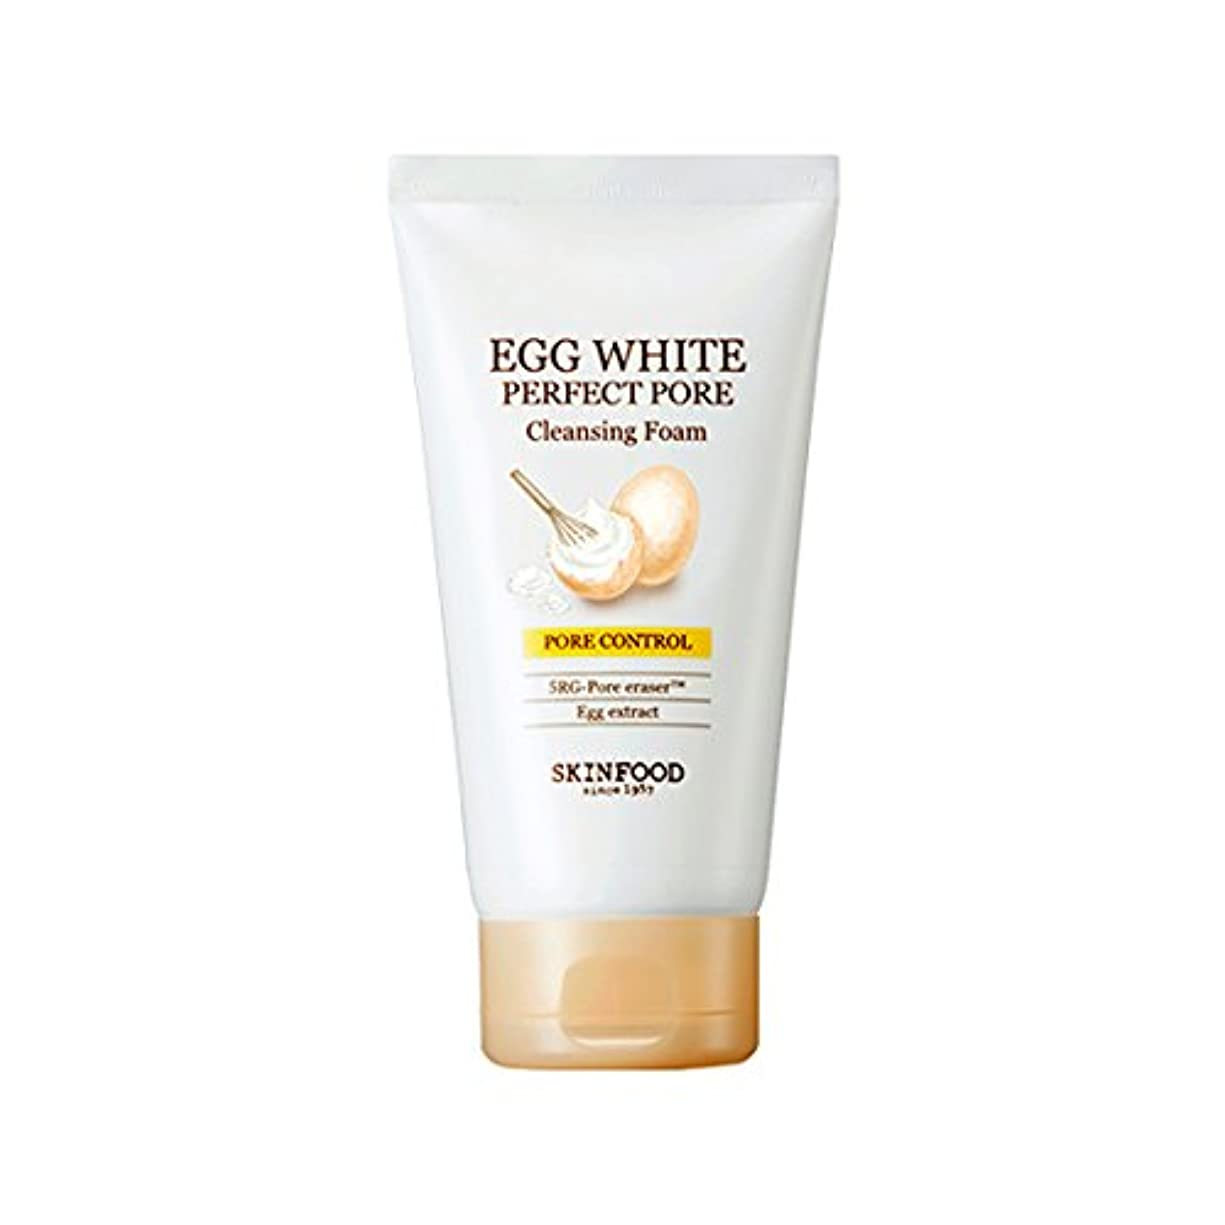 びっくりした会員雄弁[2017 New] SKINFOOD Egg White Perfect Pore Cleansing Foam 150ml/スキンフード エッグ ホワイト パーフェクト ポア クレンジング フォーム 150ml [並行輸入品]